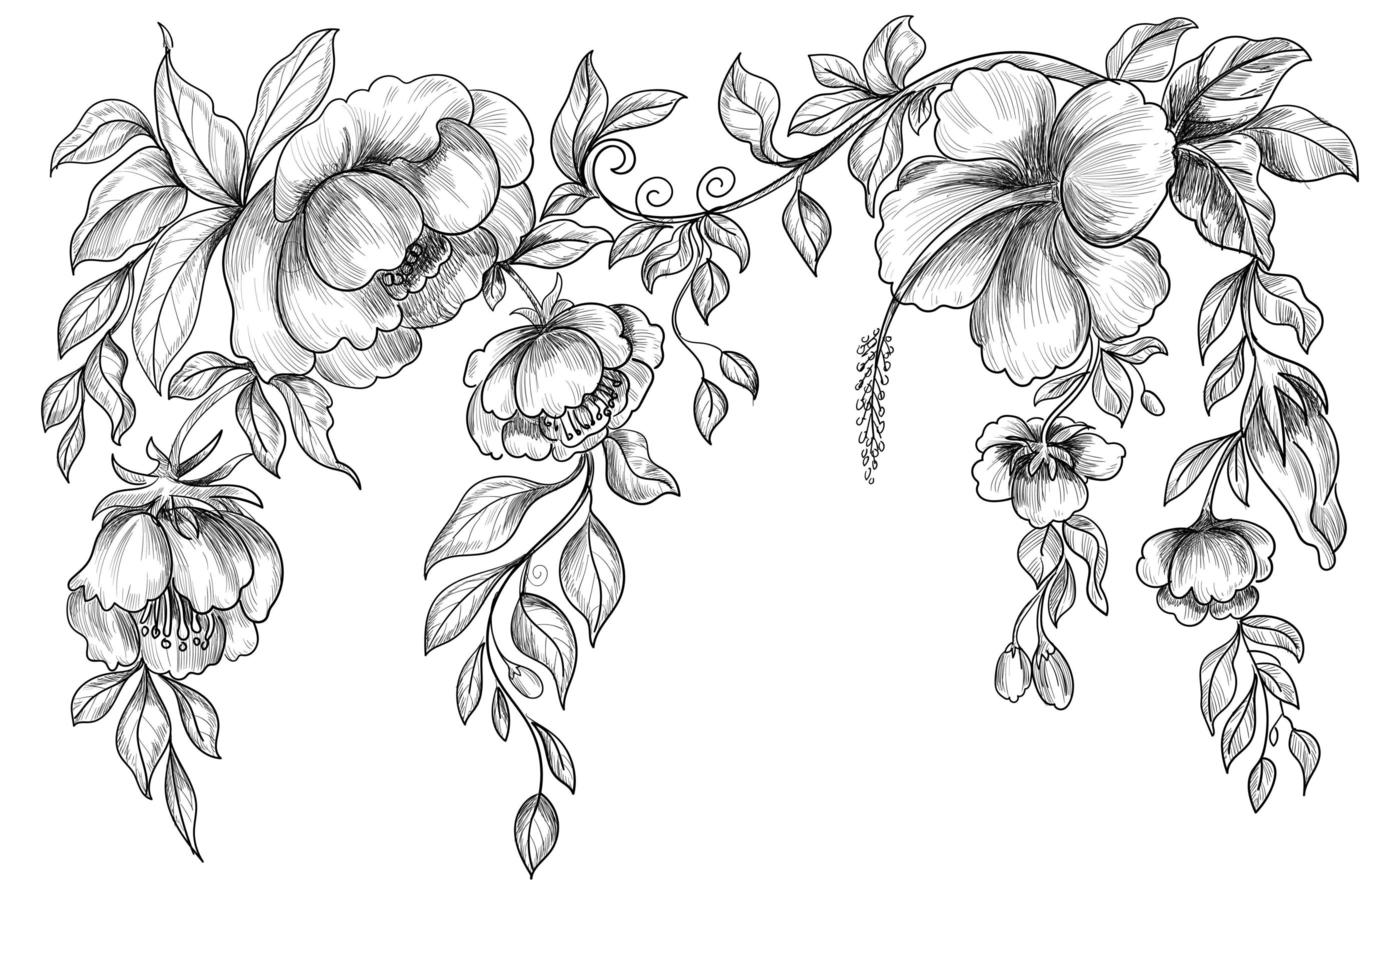 Hochzeit Blumen Skizze Hintergrund vektor